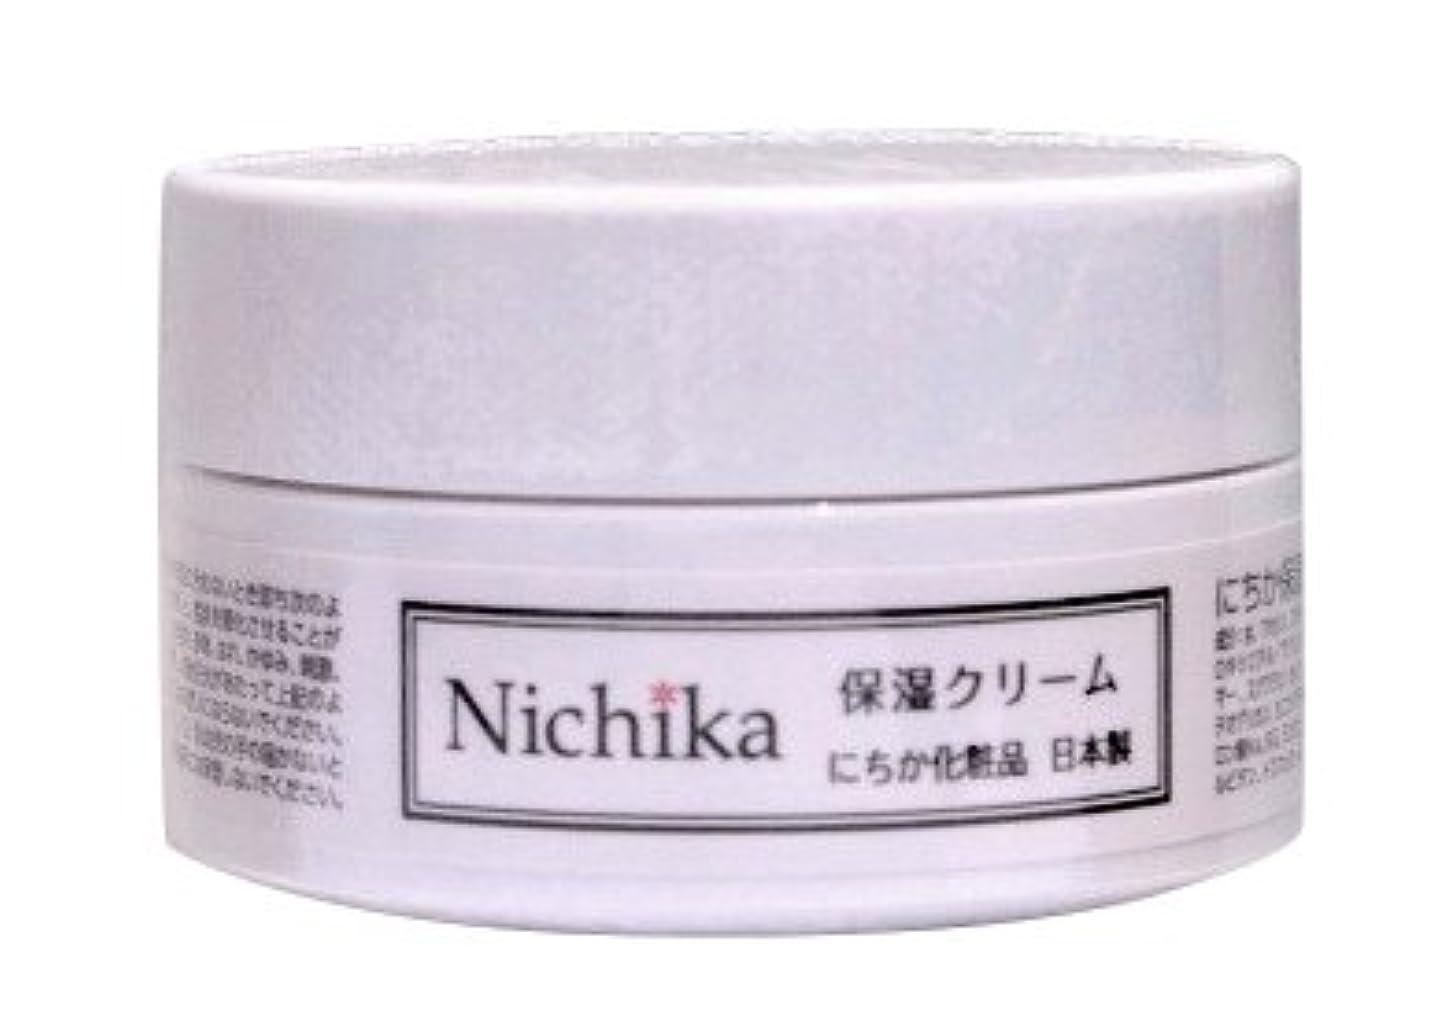 工業用背の高いお互いにちか保湿クリーム  内容量30g 日本製  『ワンランク上の潤いハリ肌』を『リーズナブル』に。  ヒアルロン酸の1.3倍の保水力があるプロテオグリカン配合。 しっとりなじみ,成分がじんわり角質層に浸透 お肌に「ふた」をして...